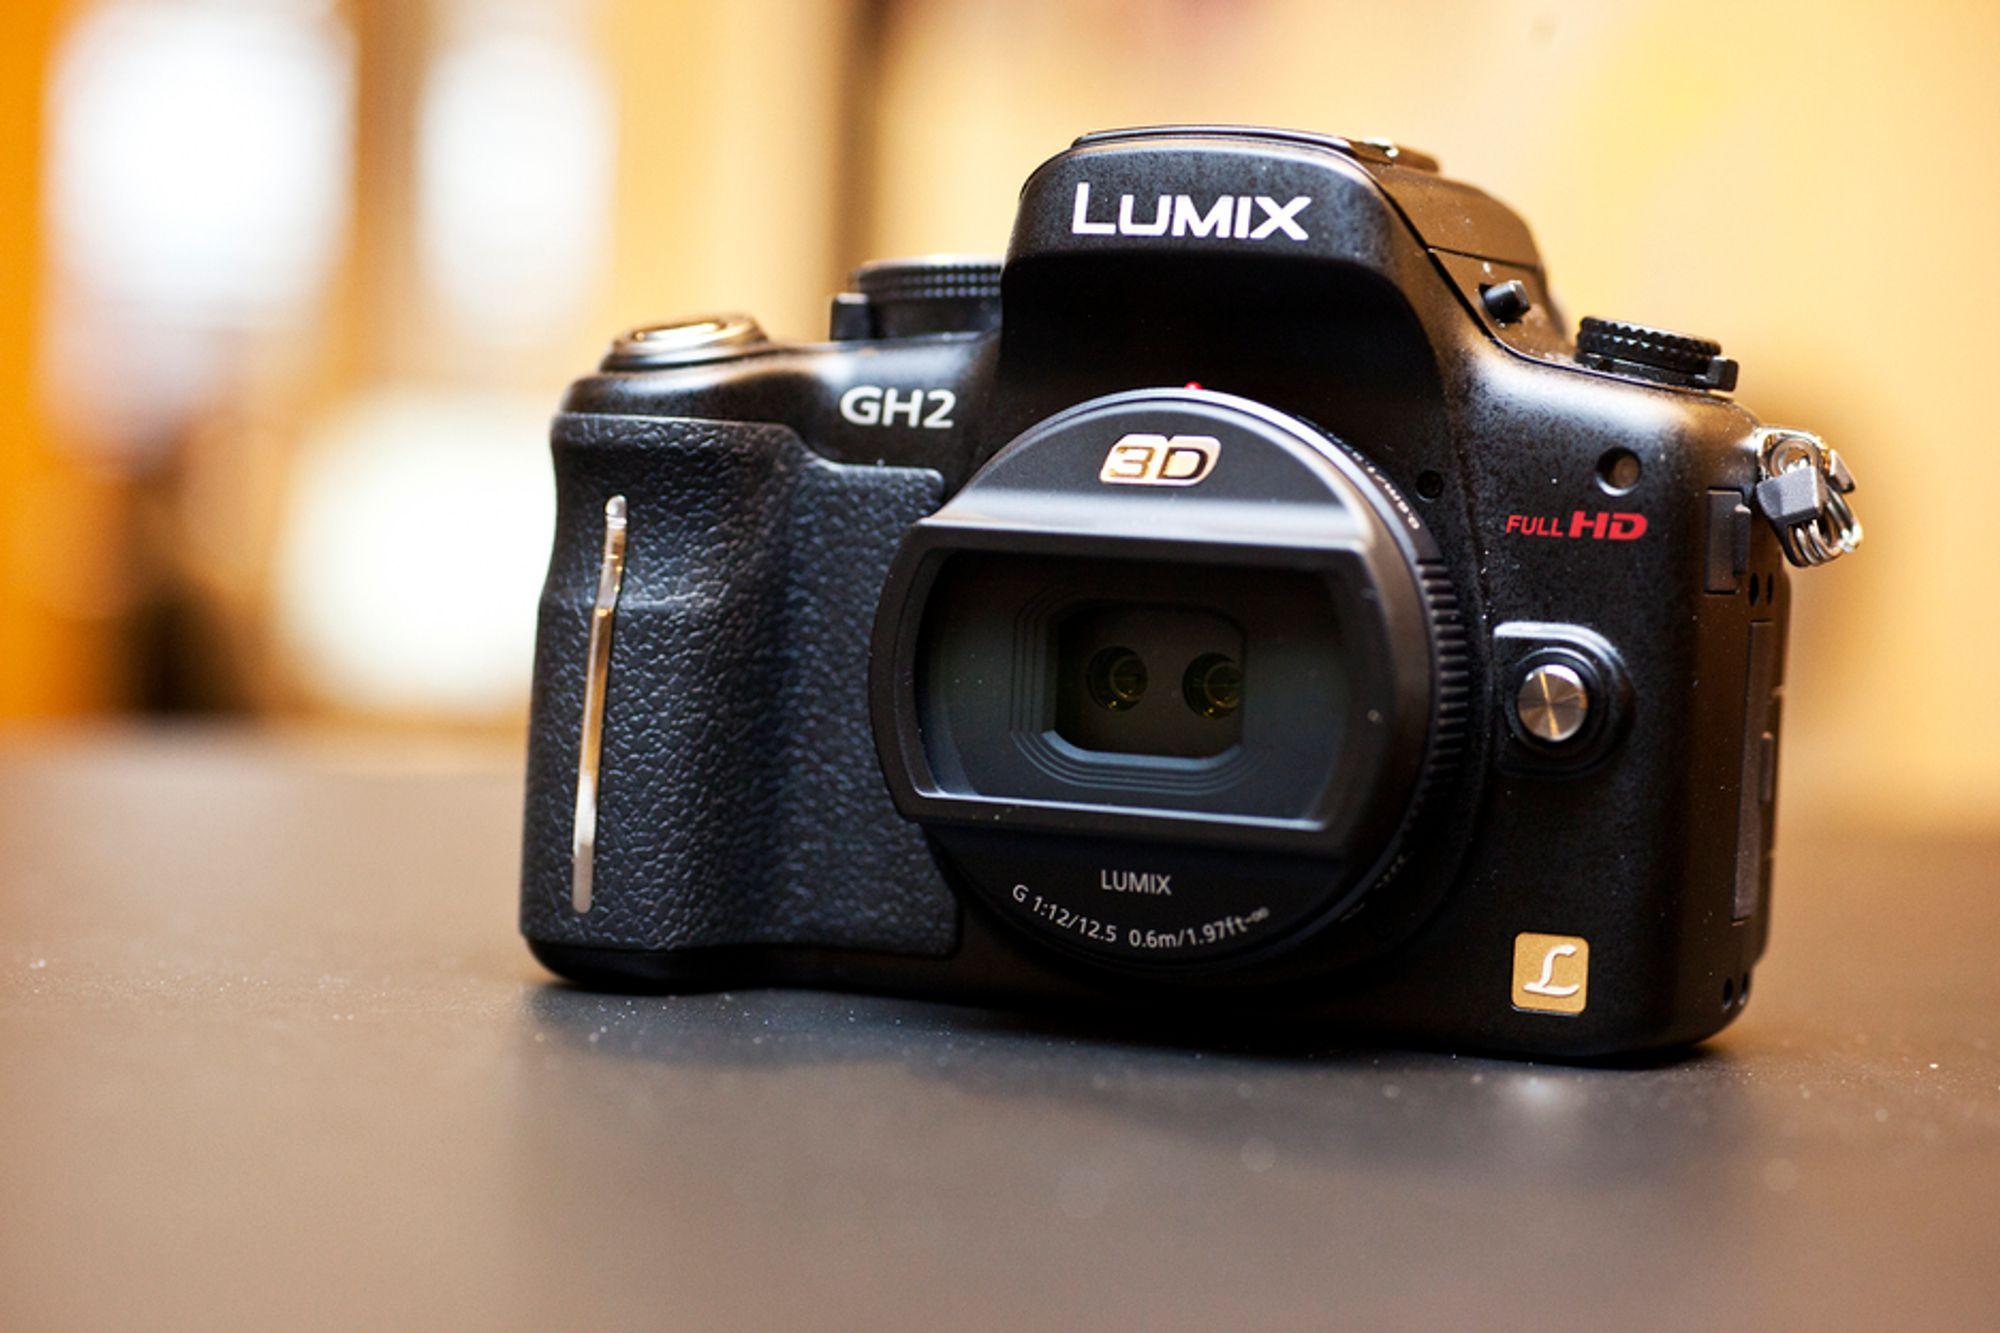 3D-linse er nytt til Lumix GH2.